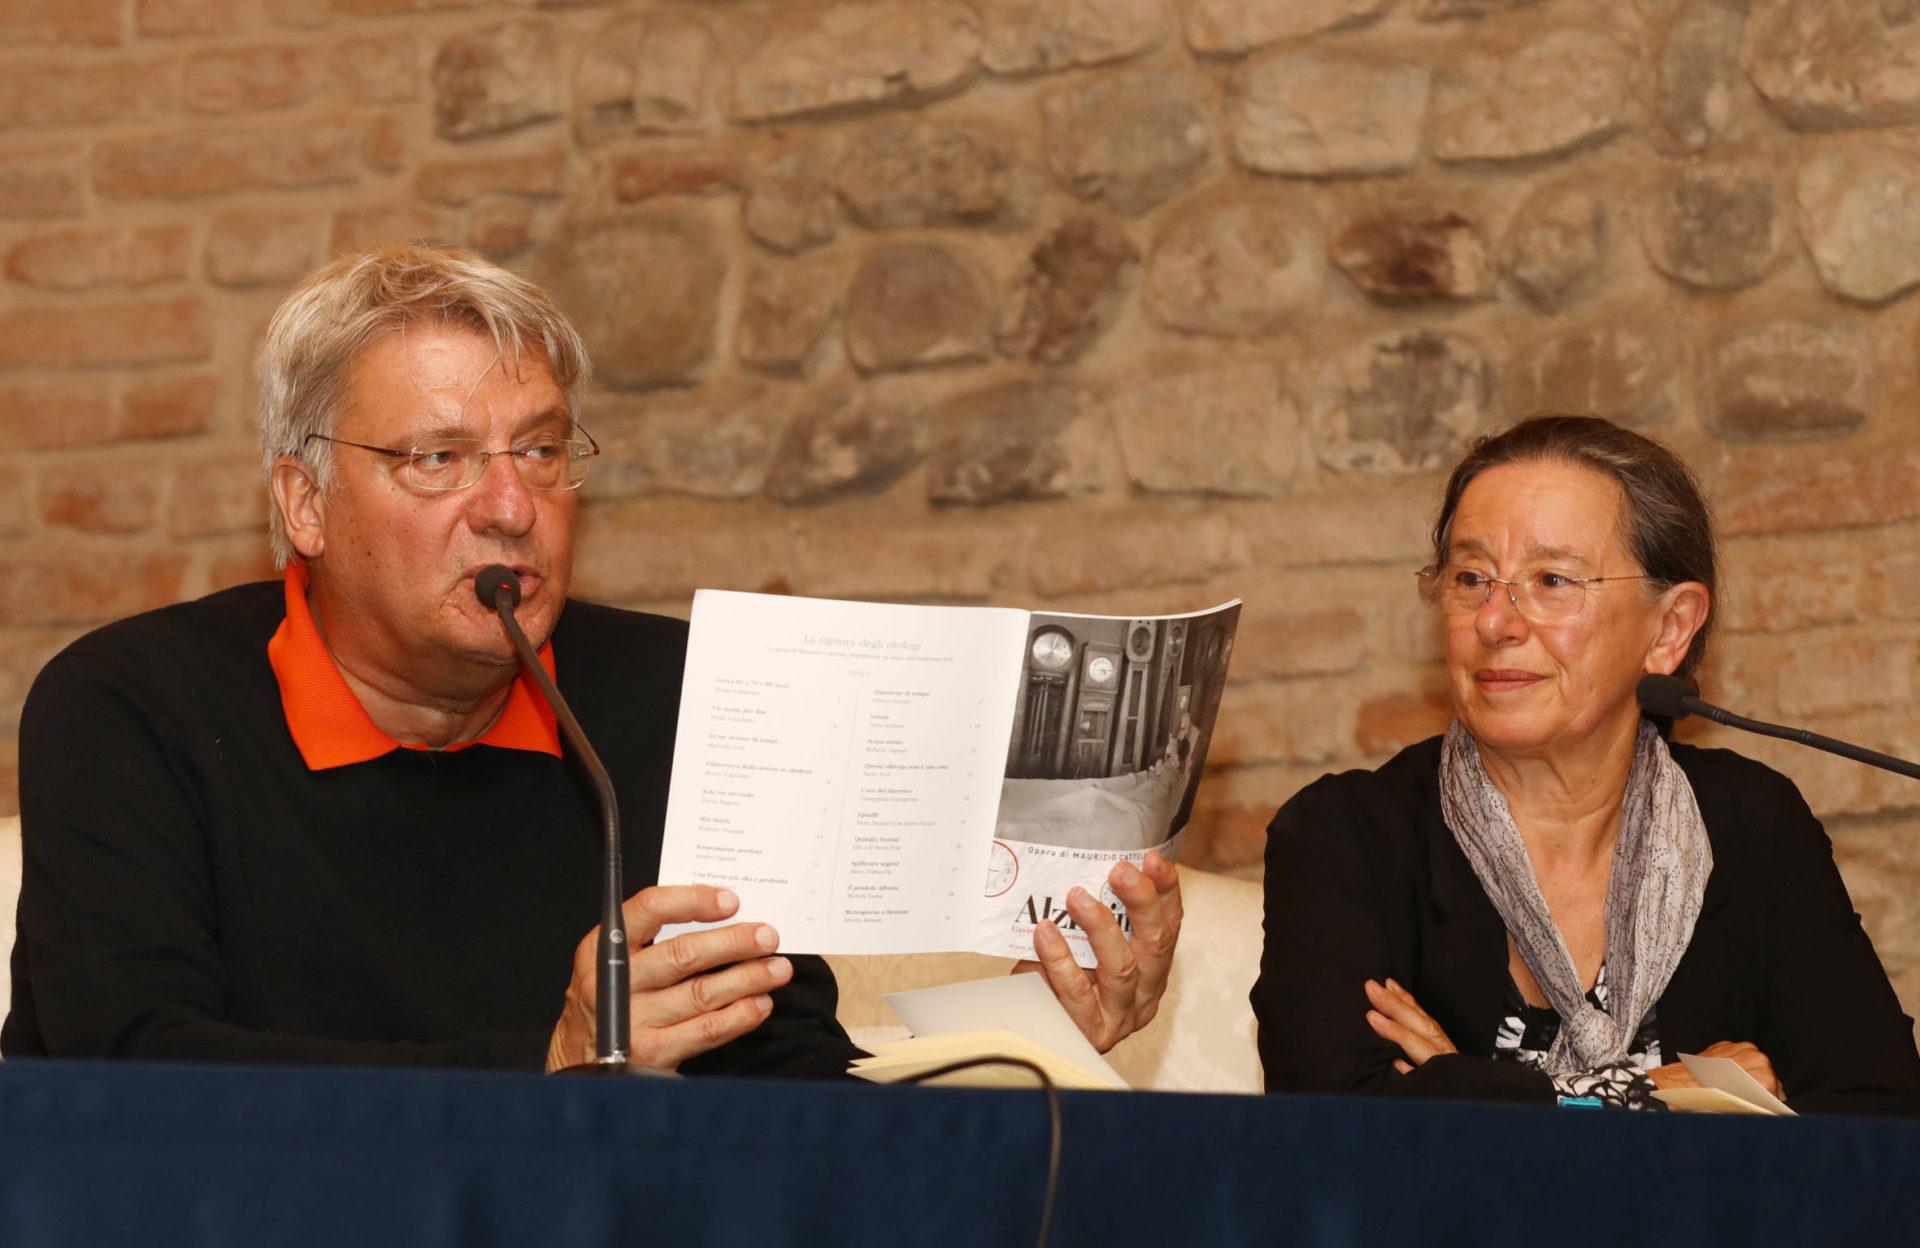 Alberto Bertoni e Franca Grisoni a Poesia Festival '17 - photo© Serena Campanini